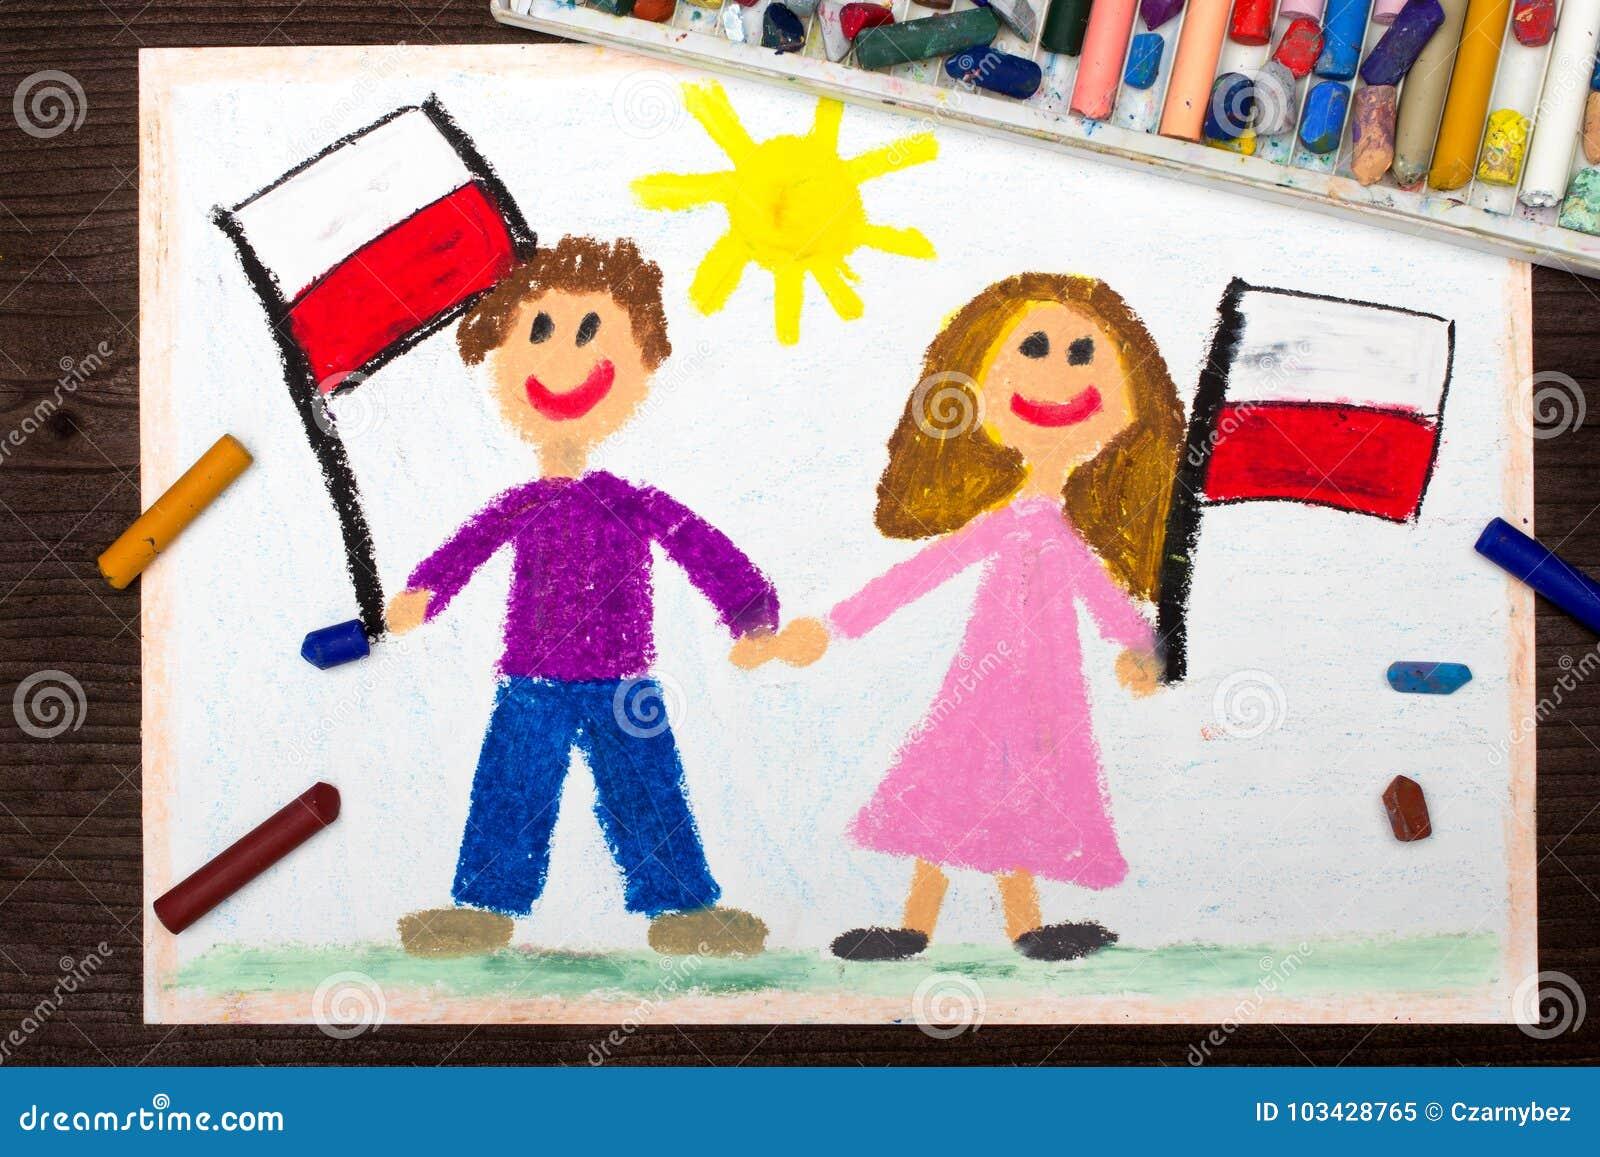 Zeichnen Lachelnde Kinder Junge Und Madchen Wellenartig Bewegende